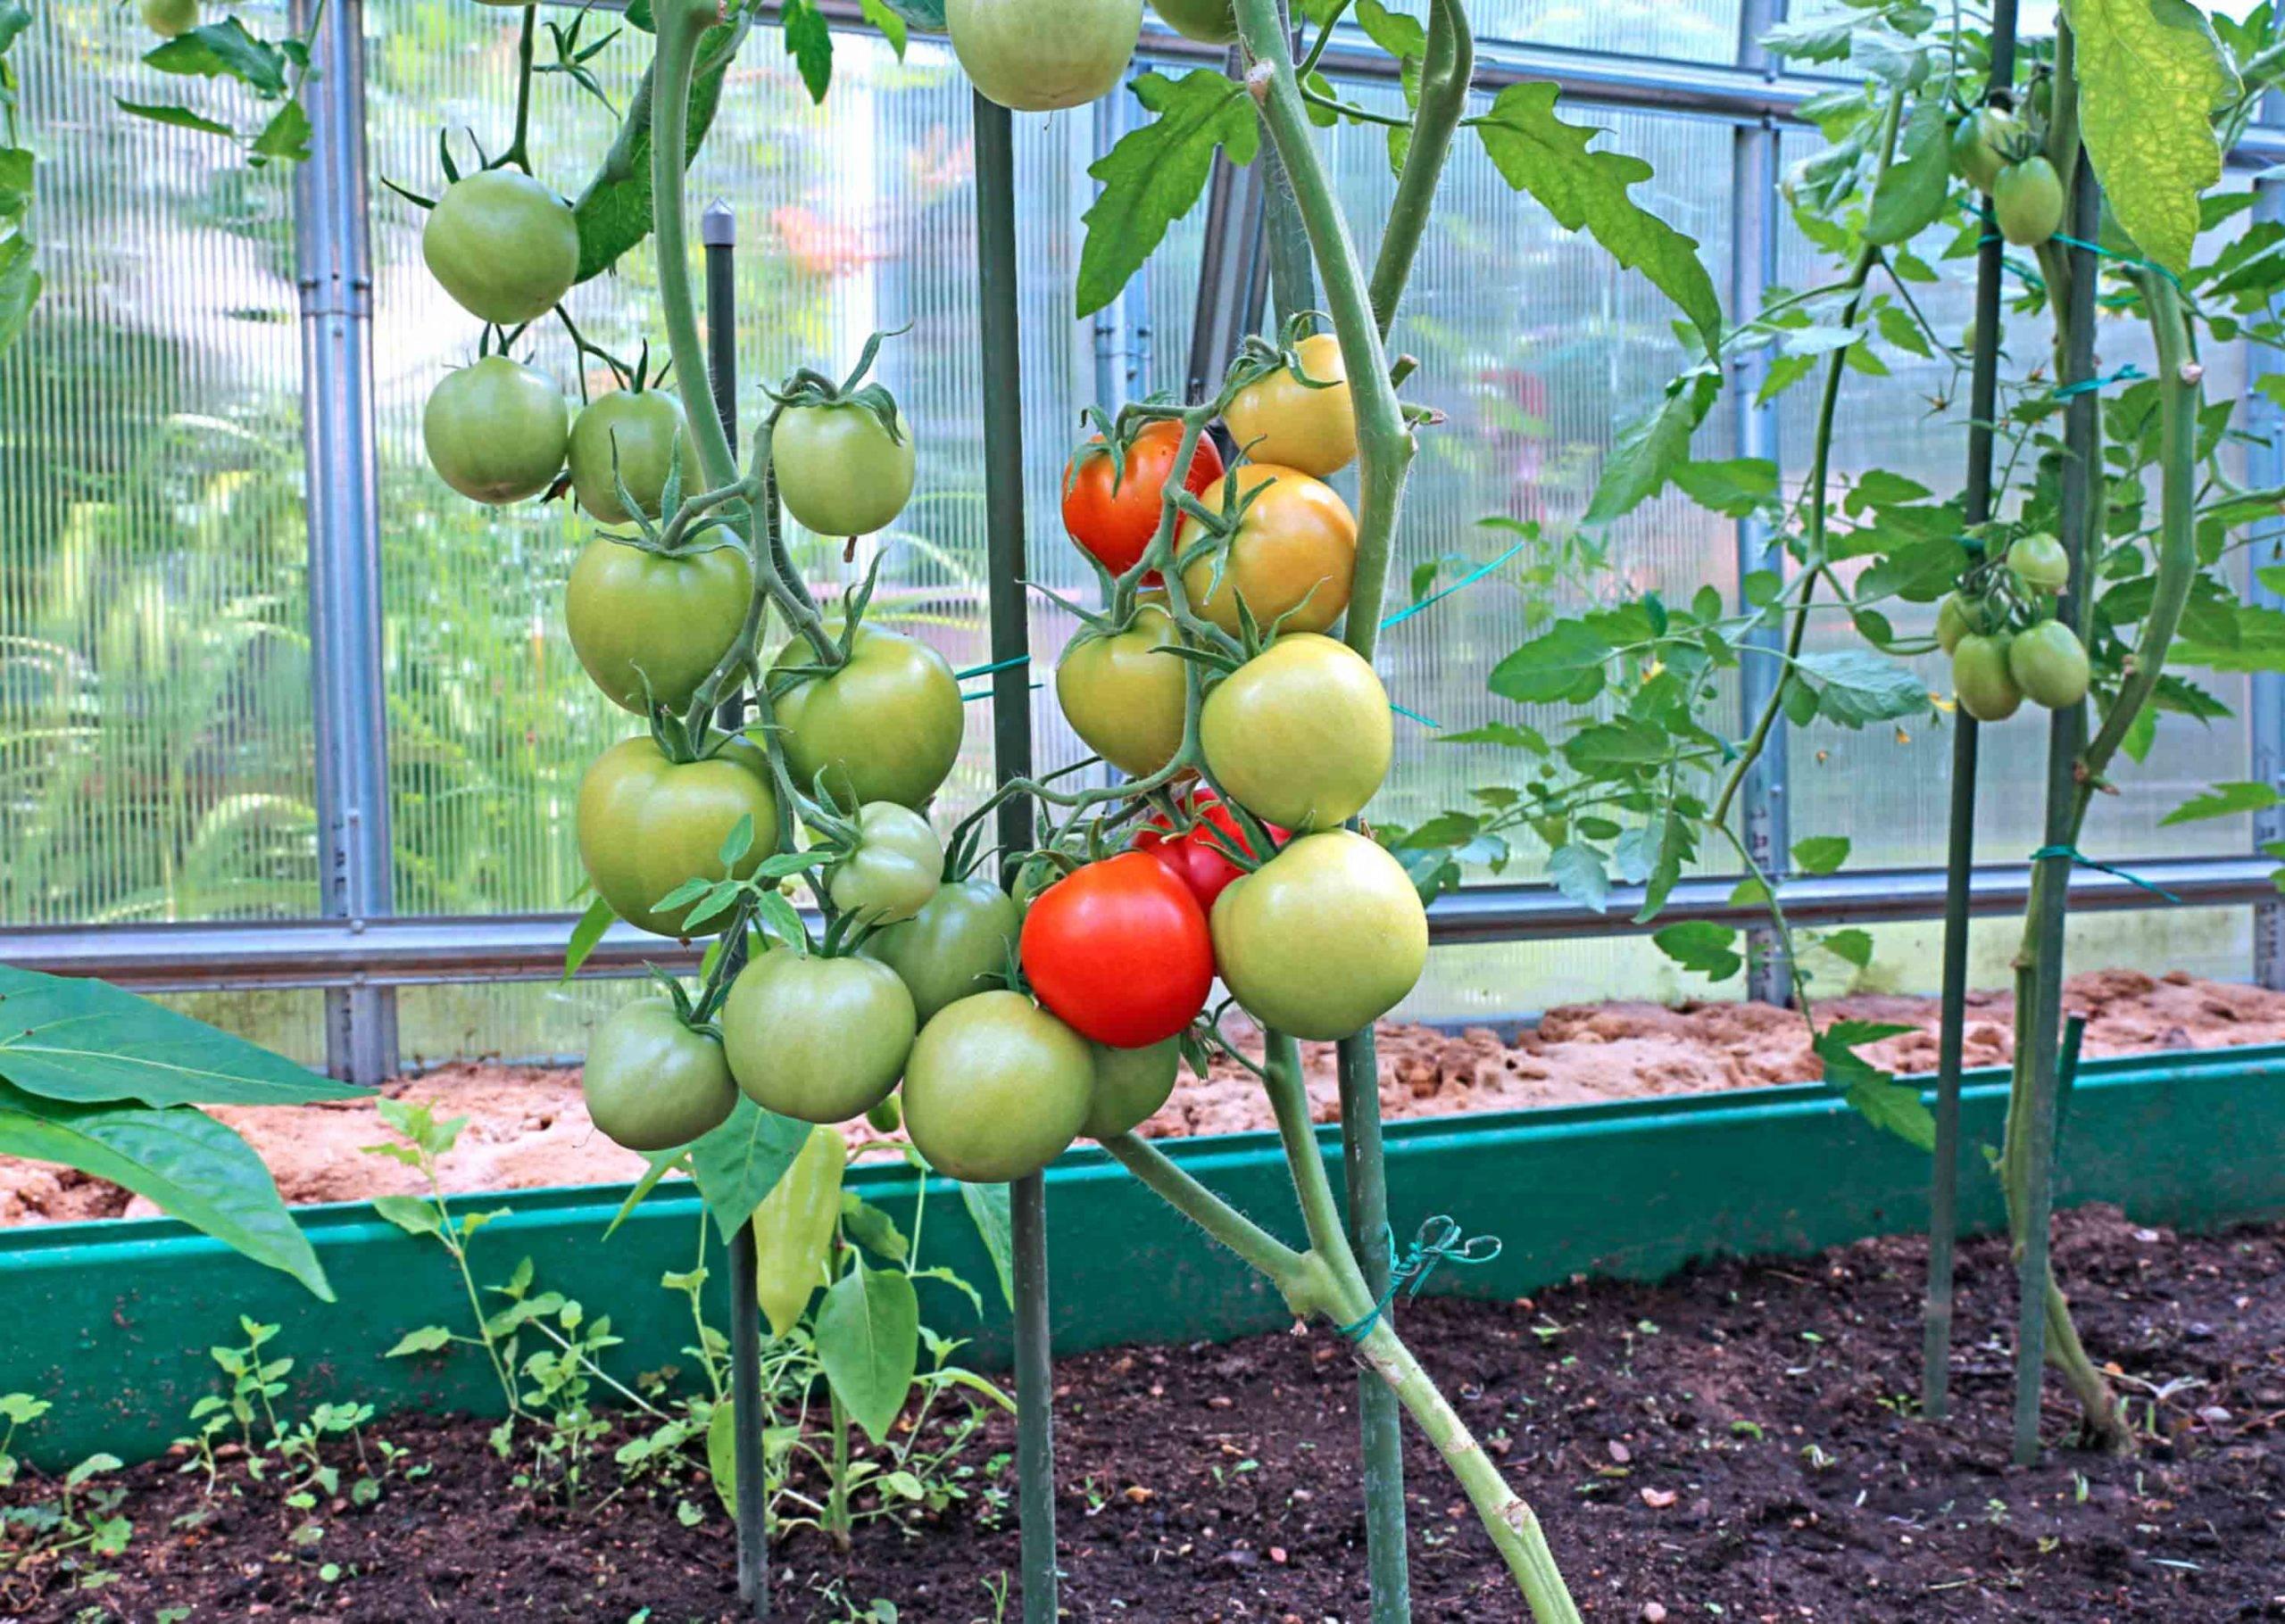 Посадка и выращивание томатов: агротехника выращивания рассады томатов в теплице и открытом грунте